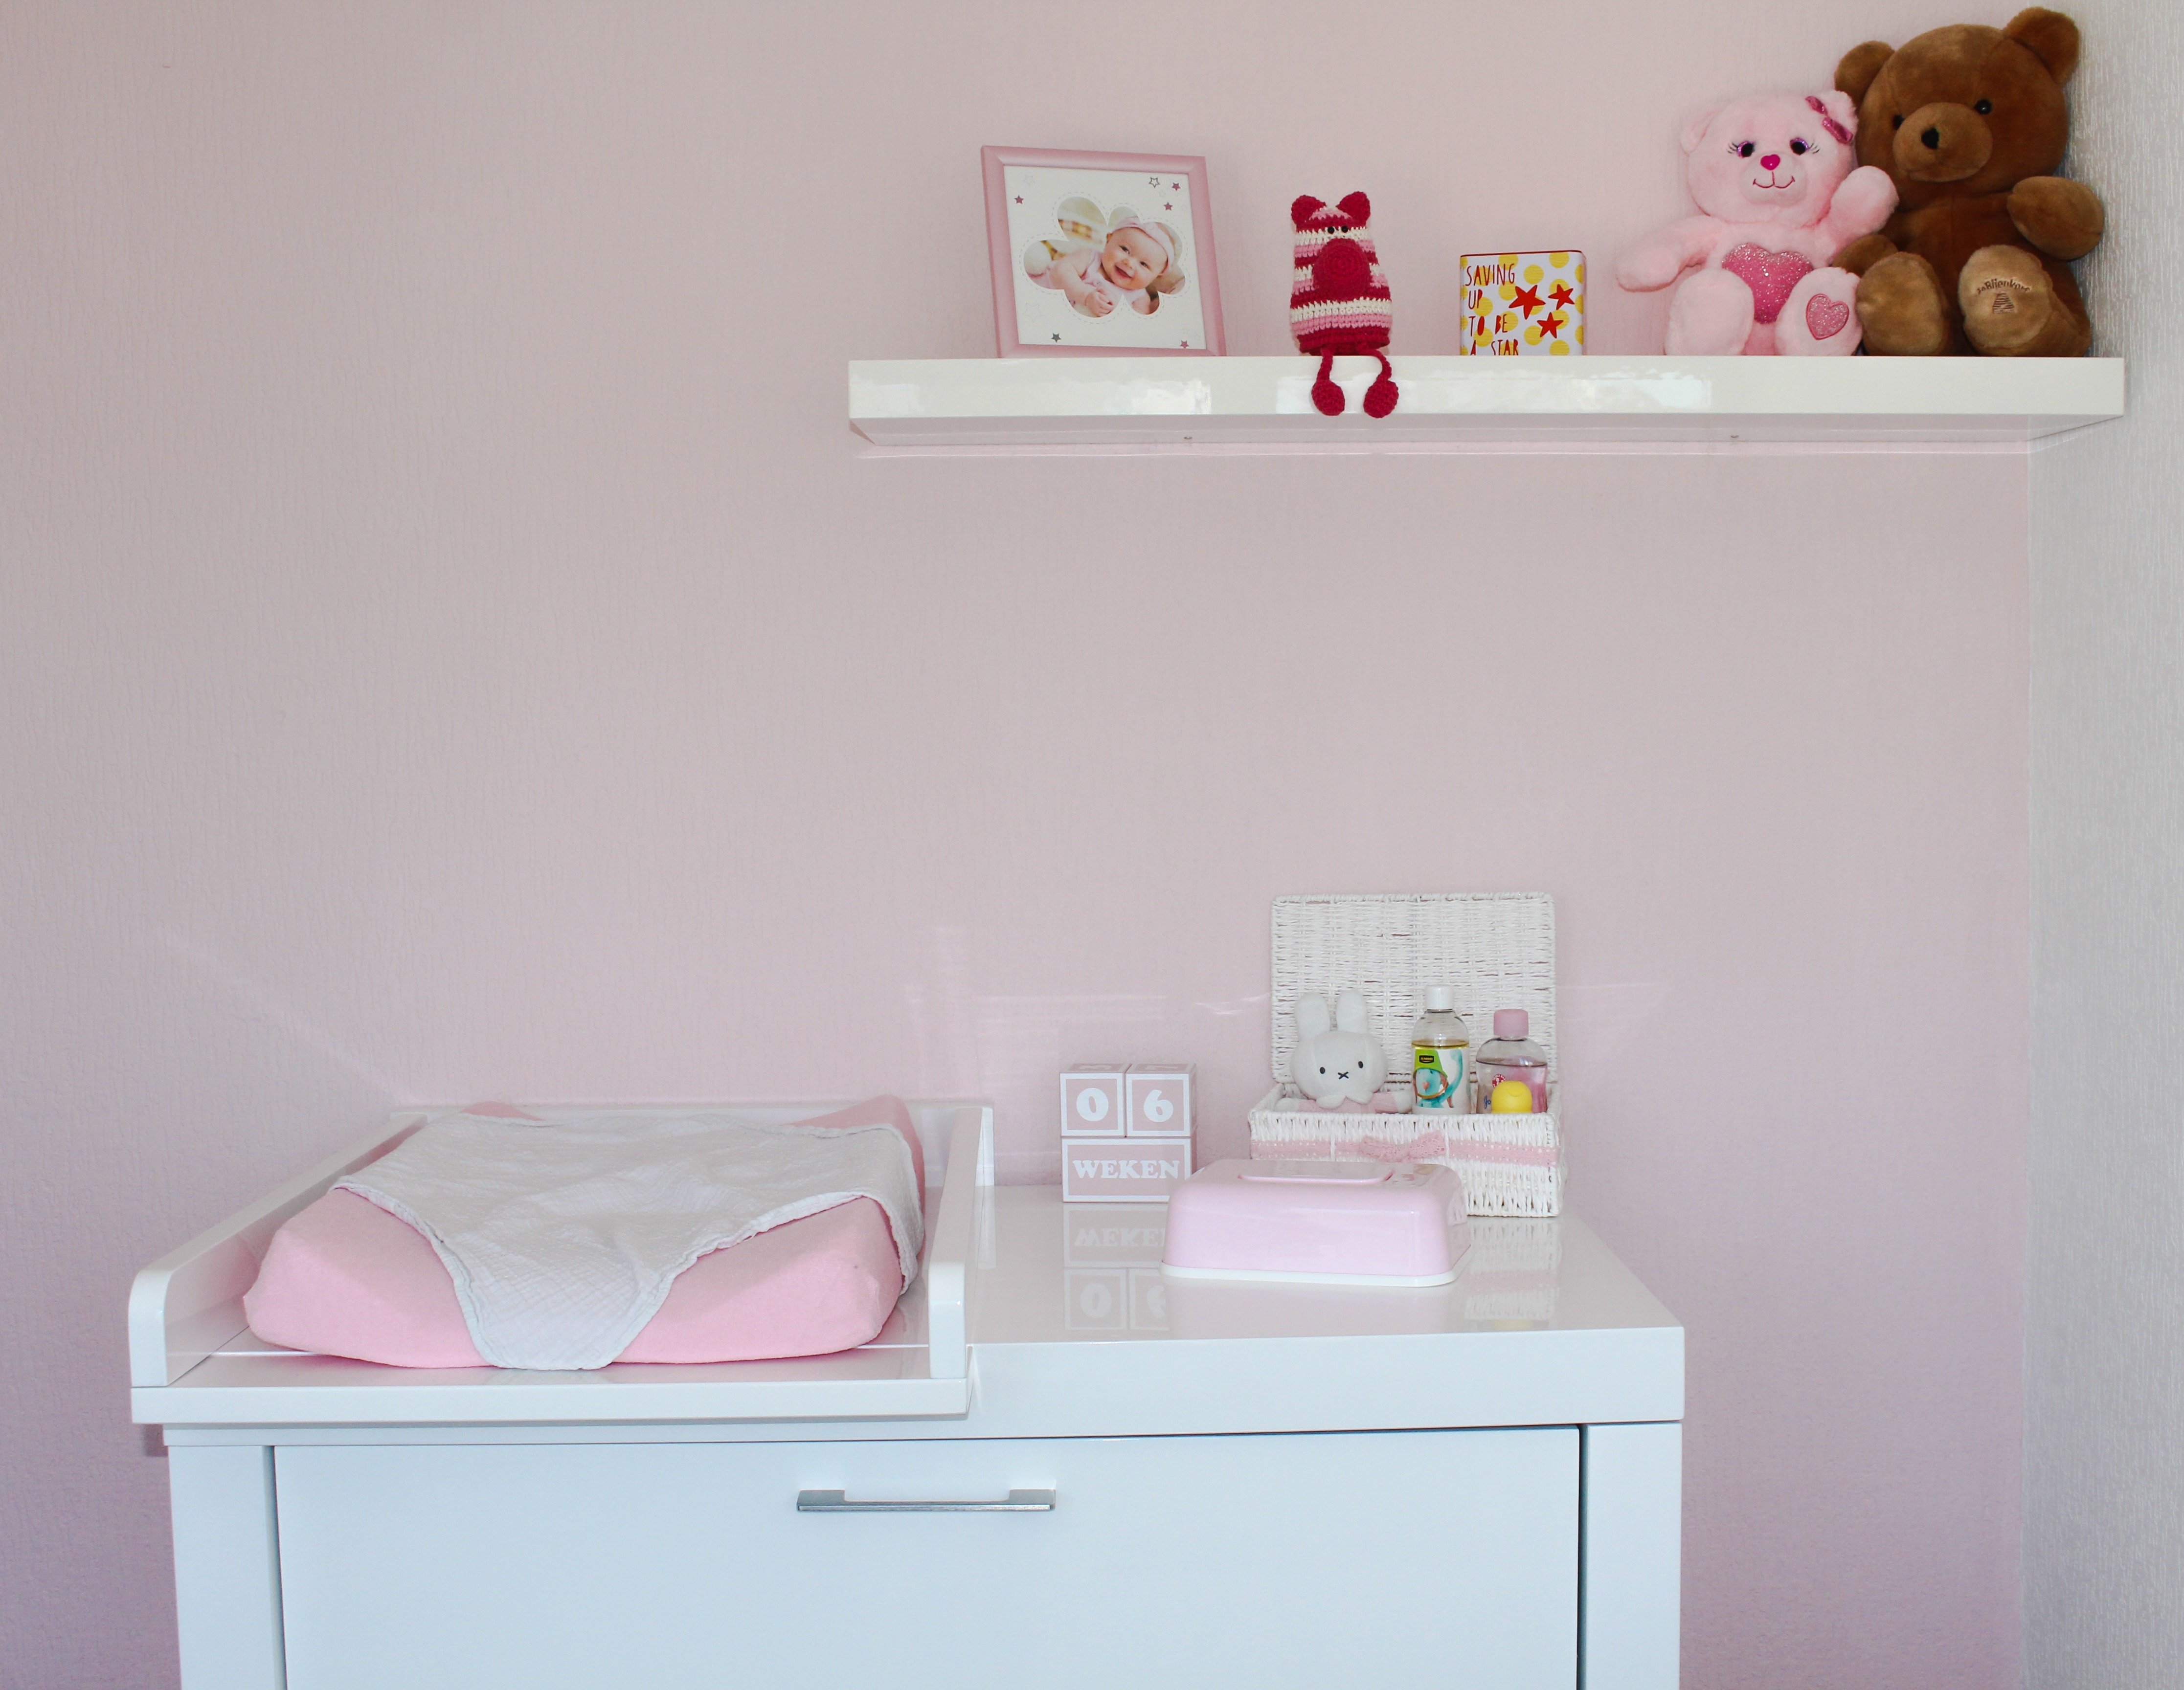 Decoratie Meisjes Babykamer.Babykamer Meisje Zo Ziet De Kamer Van Fenna Eruit